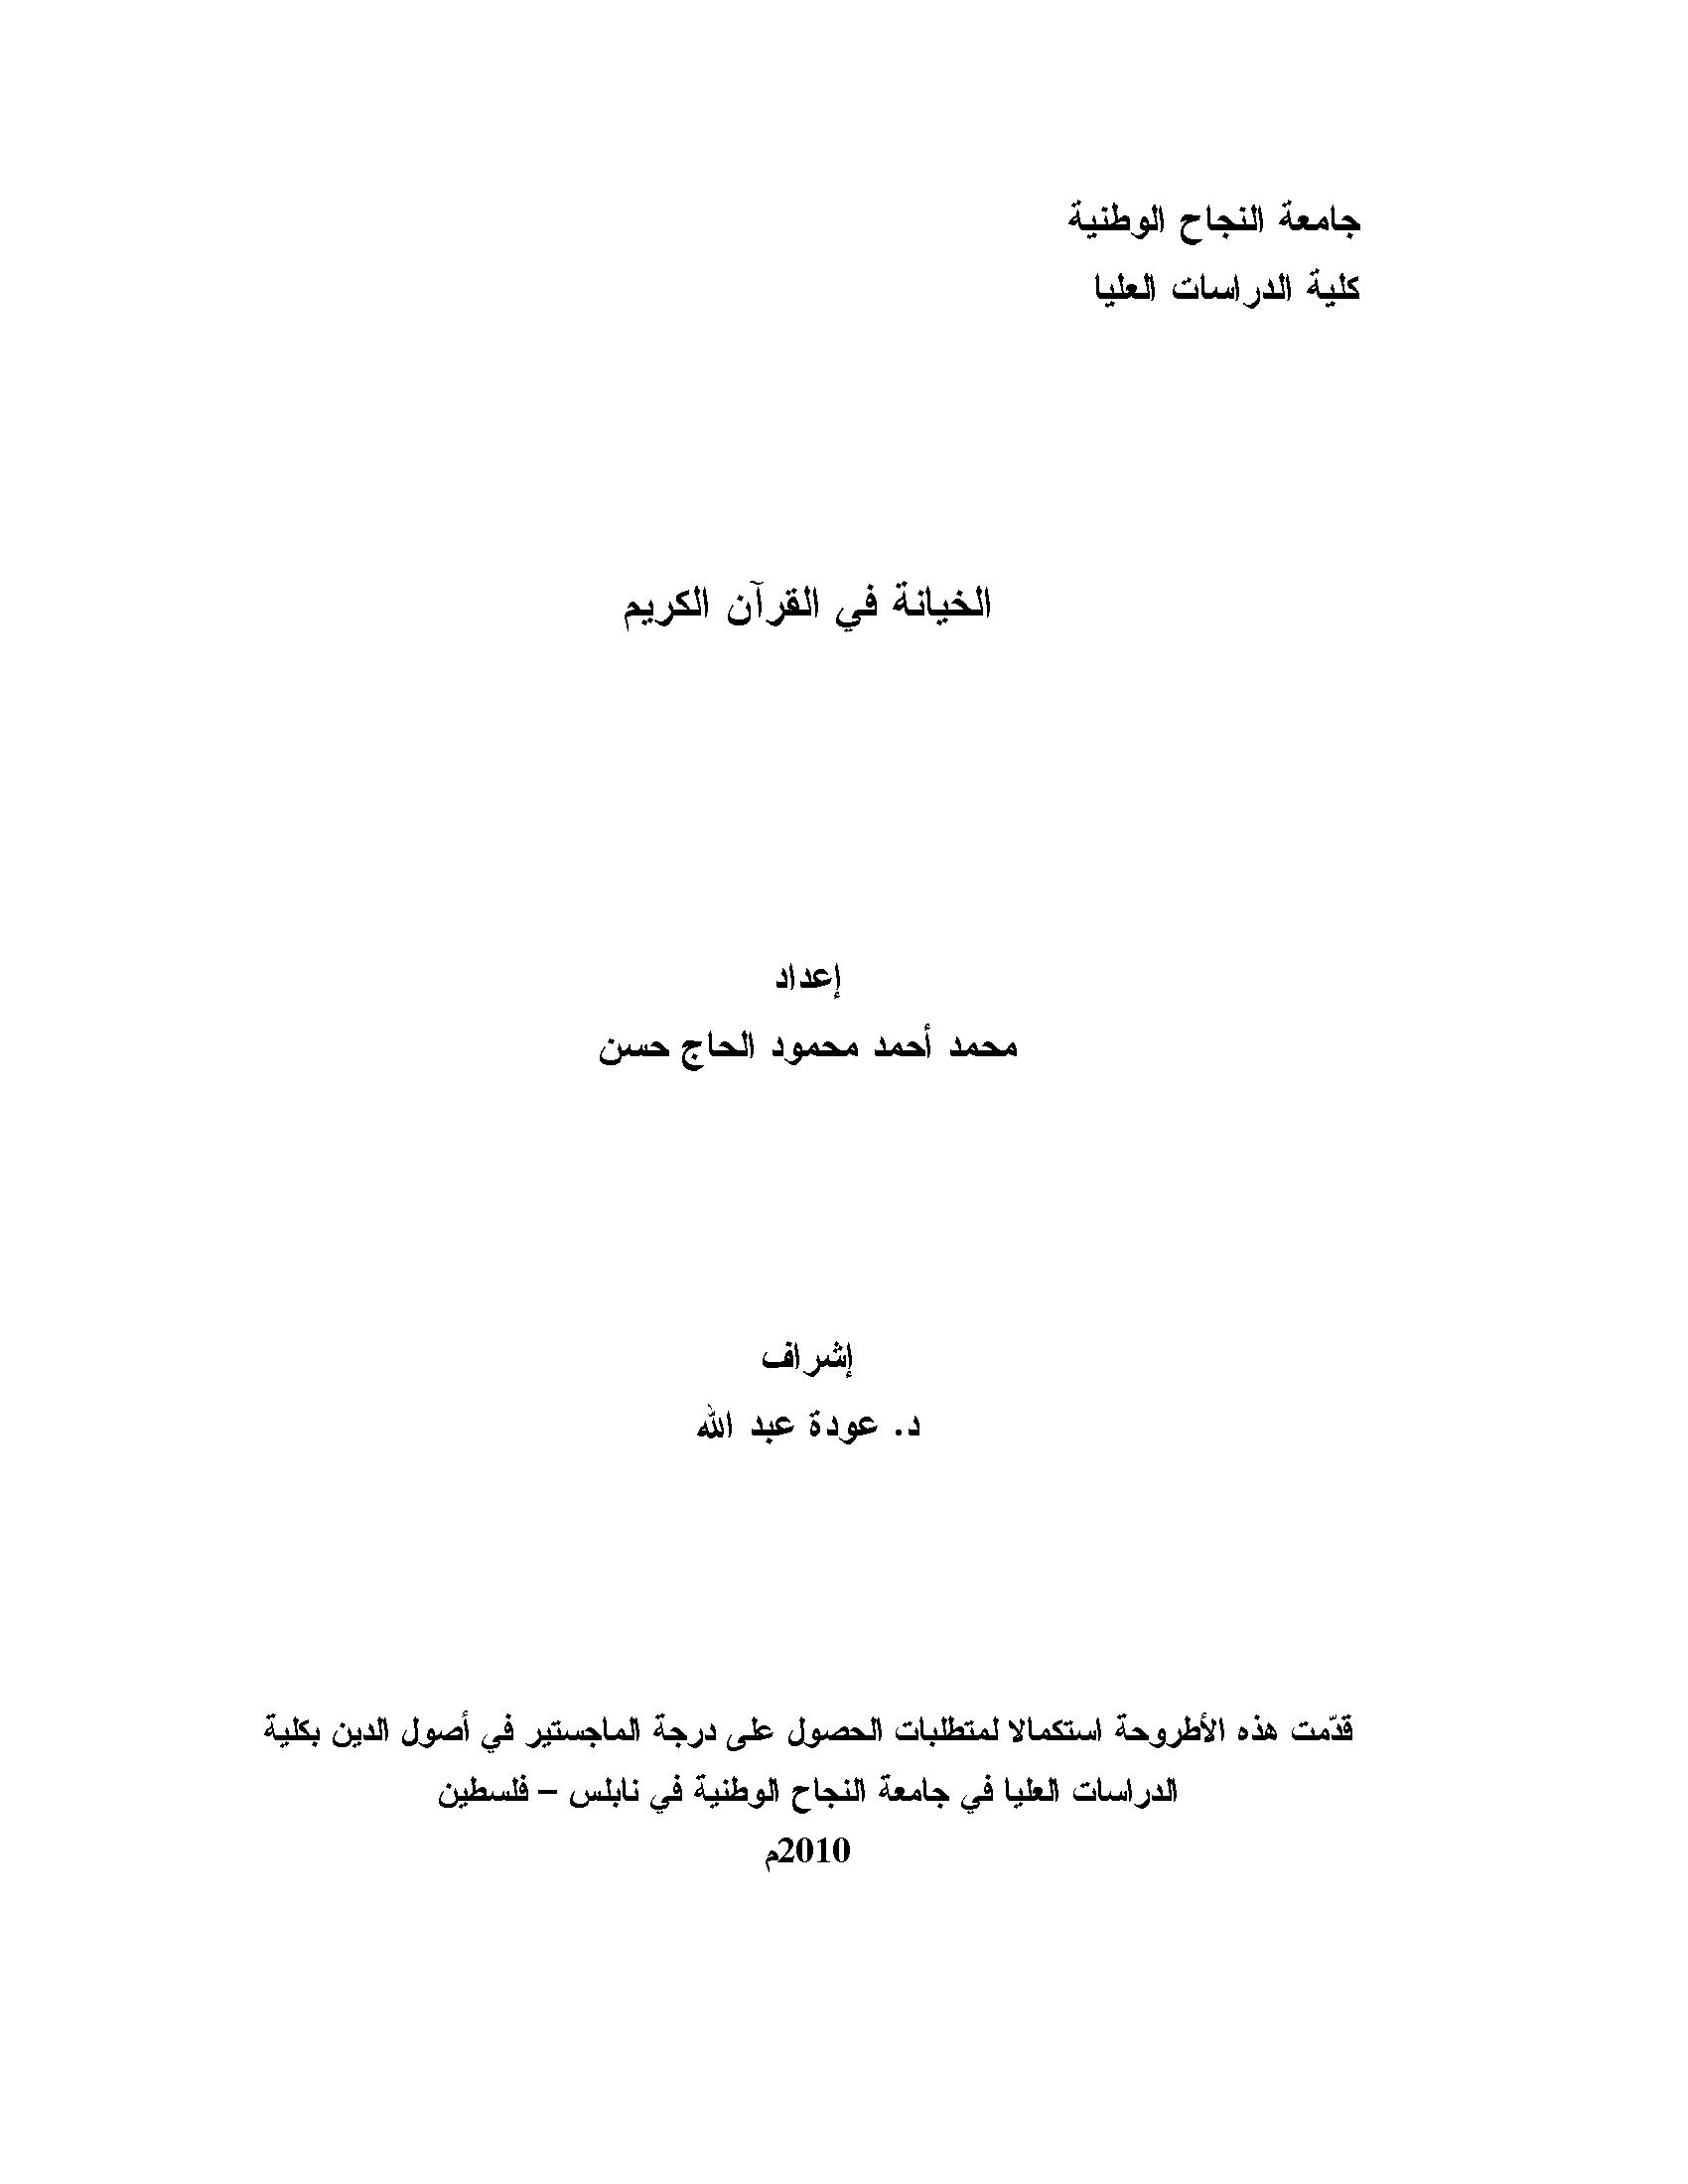 تحميل كتاب الخيانة في القرآن الكريم لـِ: محمد أحمد محمود الحاج حسن